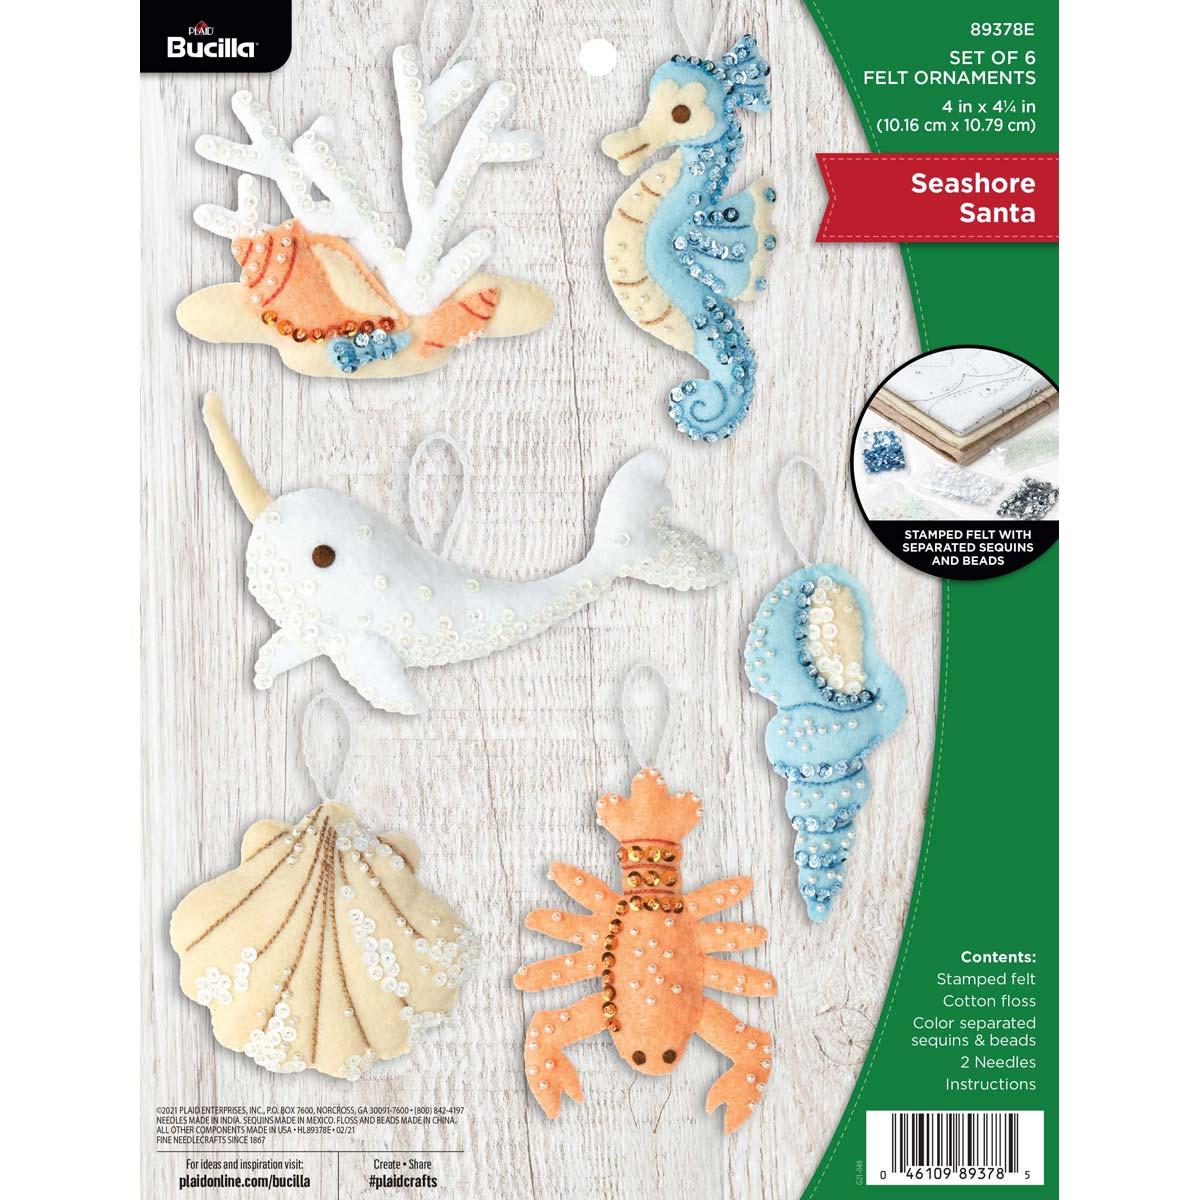 Bucilla ® Seasonal - Felt - Ornament Kits - Seashore Santa - 89378E